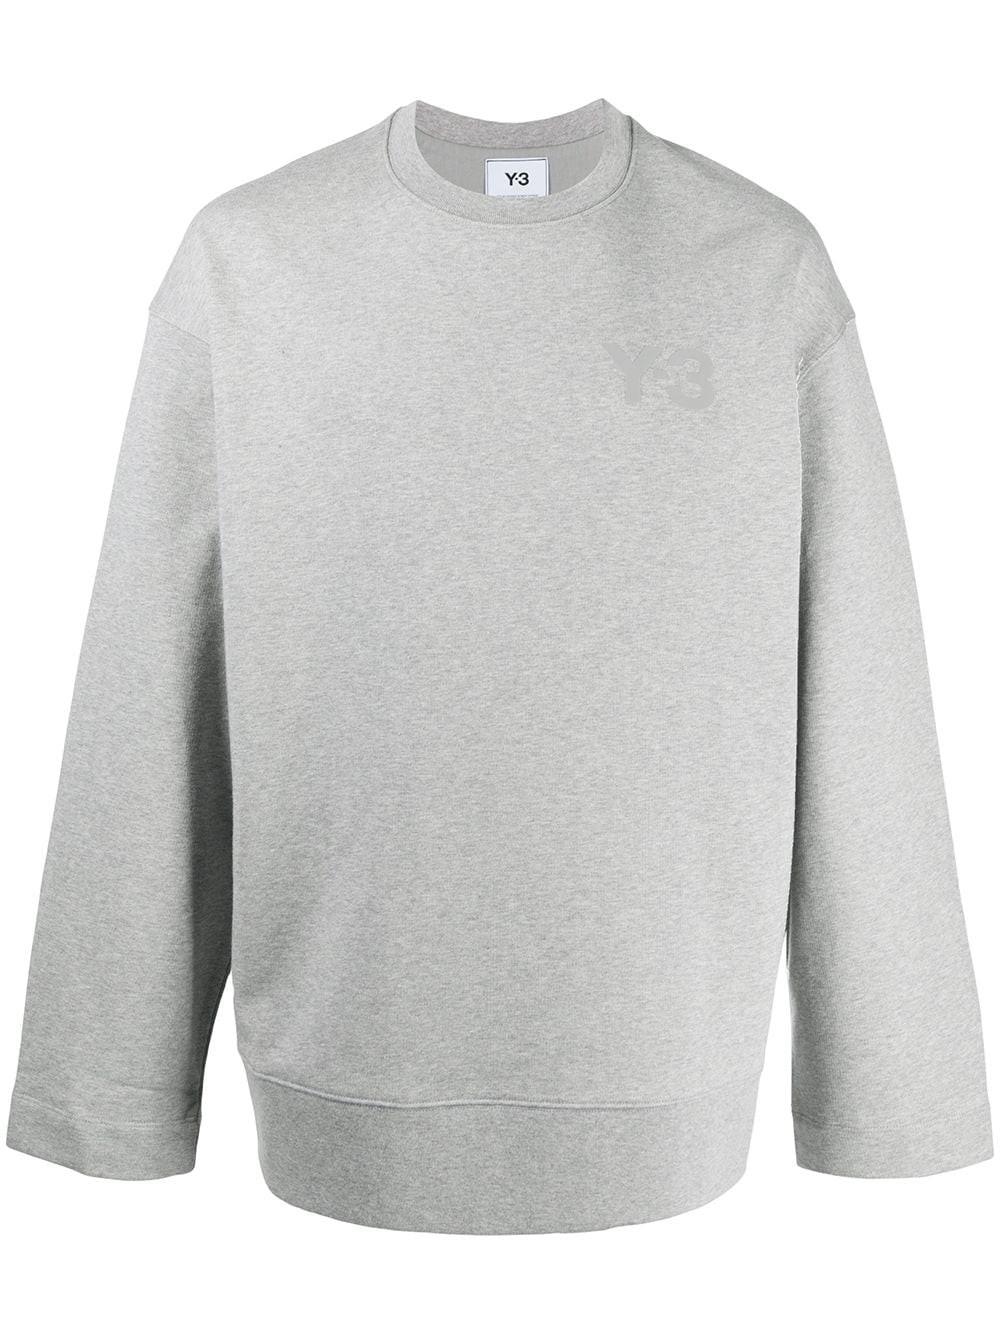 ADIDAS Y-3 Grey Melange Sweatshirt